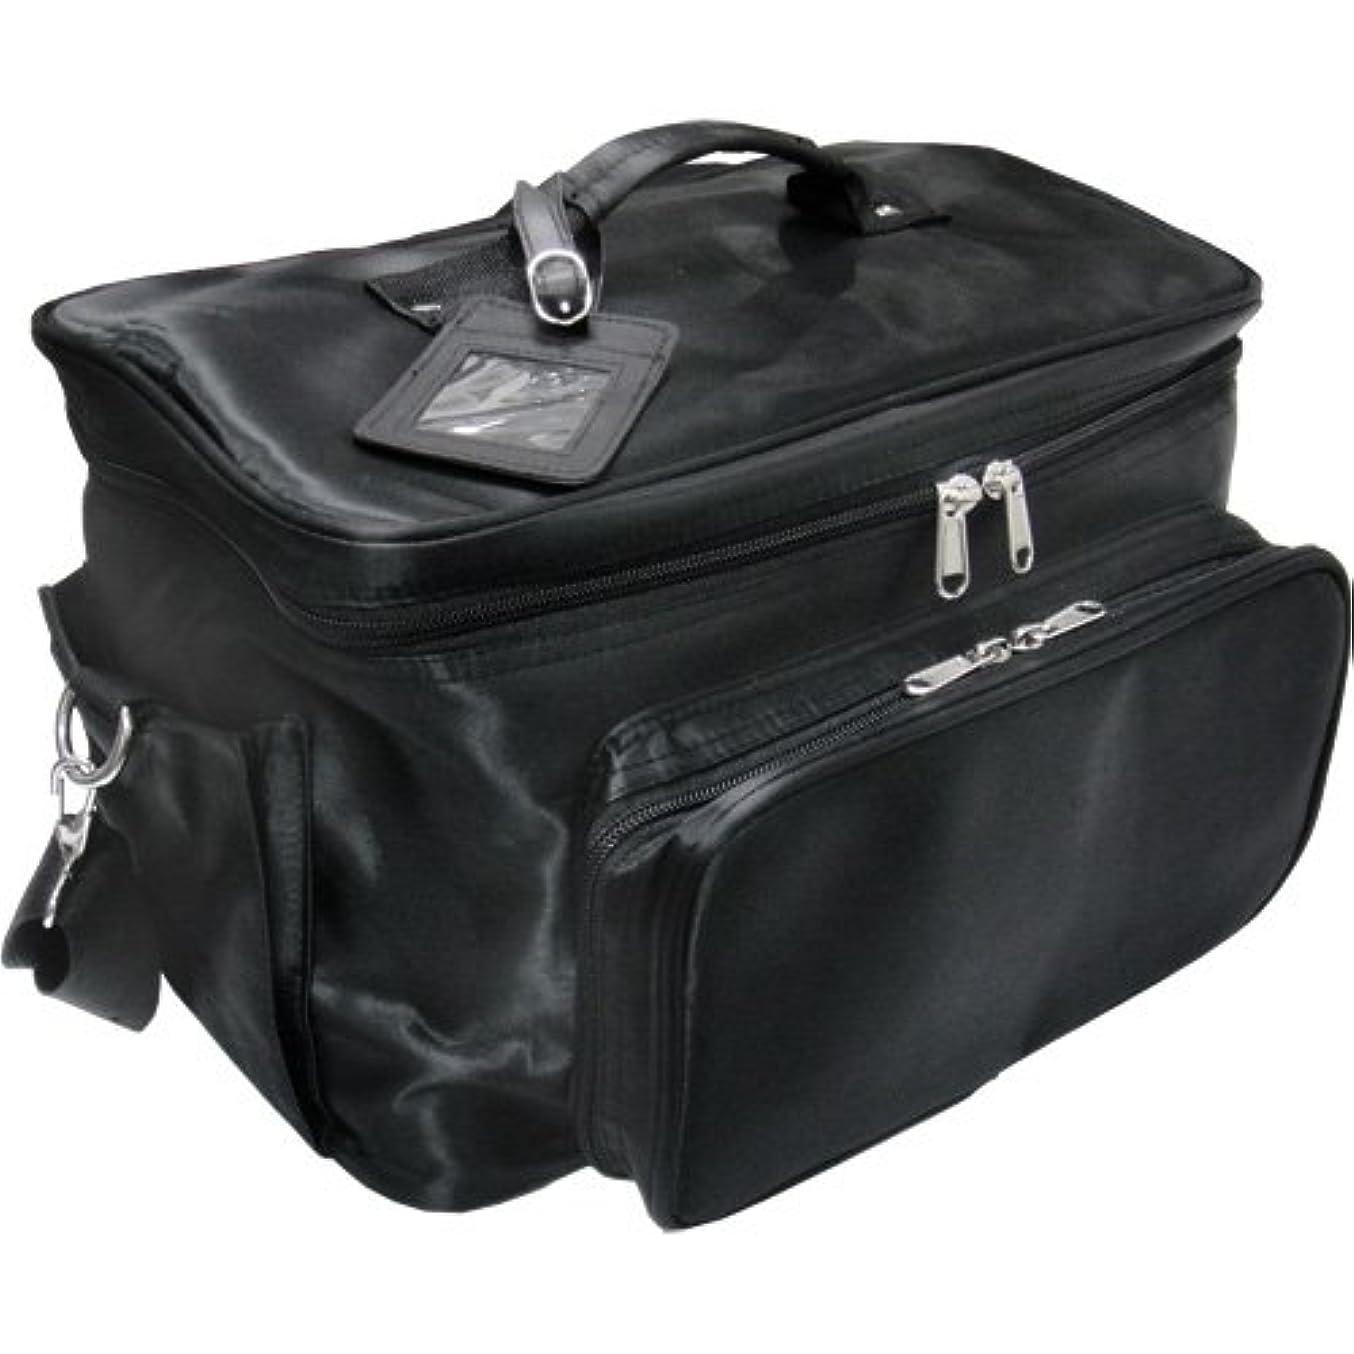 談話と全滅させる軽量バニティーバック ブラック コスメバッグ、ネイルバッグ、ネイリストバッグ、ナイロンコスメボックス